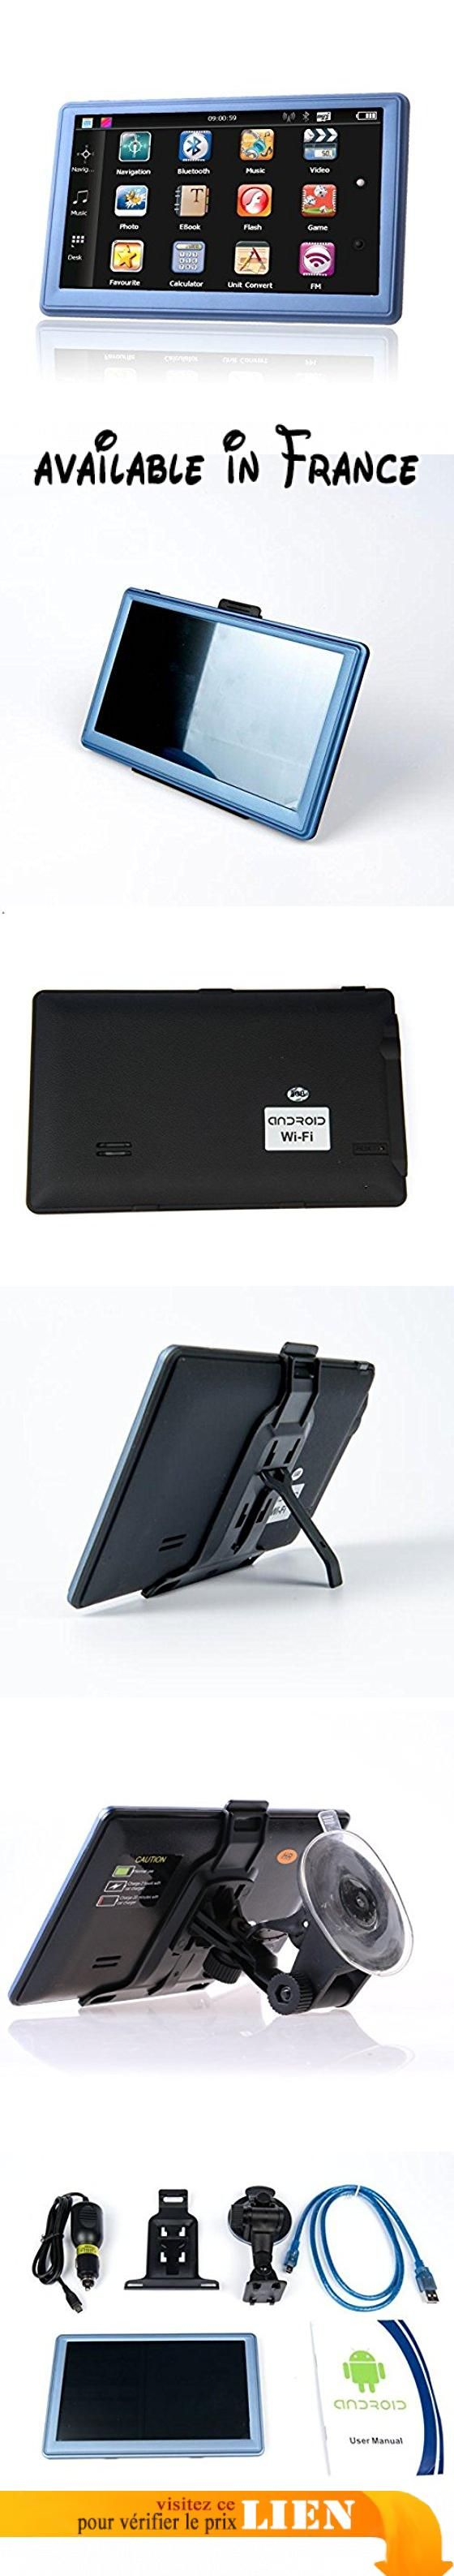 Système de navigation GPS de voiture, 17,8cm 8Go Android Écran tactile véhicule GPS SAT NAV inclus North Cartes européennes. Le bon signal GPS des GPS et la qualité du matériau, le plus rapidement à vos cartes; info.. Android 4.4.2, mt8127a CPU, ARM Cortex-A7processeur quatre cœurs, 1.35GHz; construit en 8Go, 512MB DDR ramx8bits. Écran tactile 17,8cm 800* 480TFT écran large, jouer à des jeux, regarder des vidéos, transparent pour voir